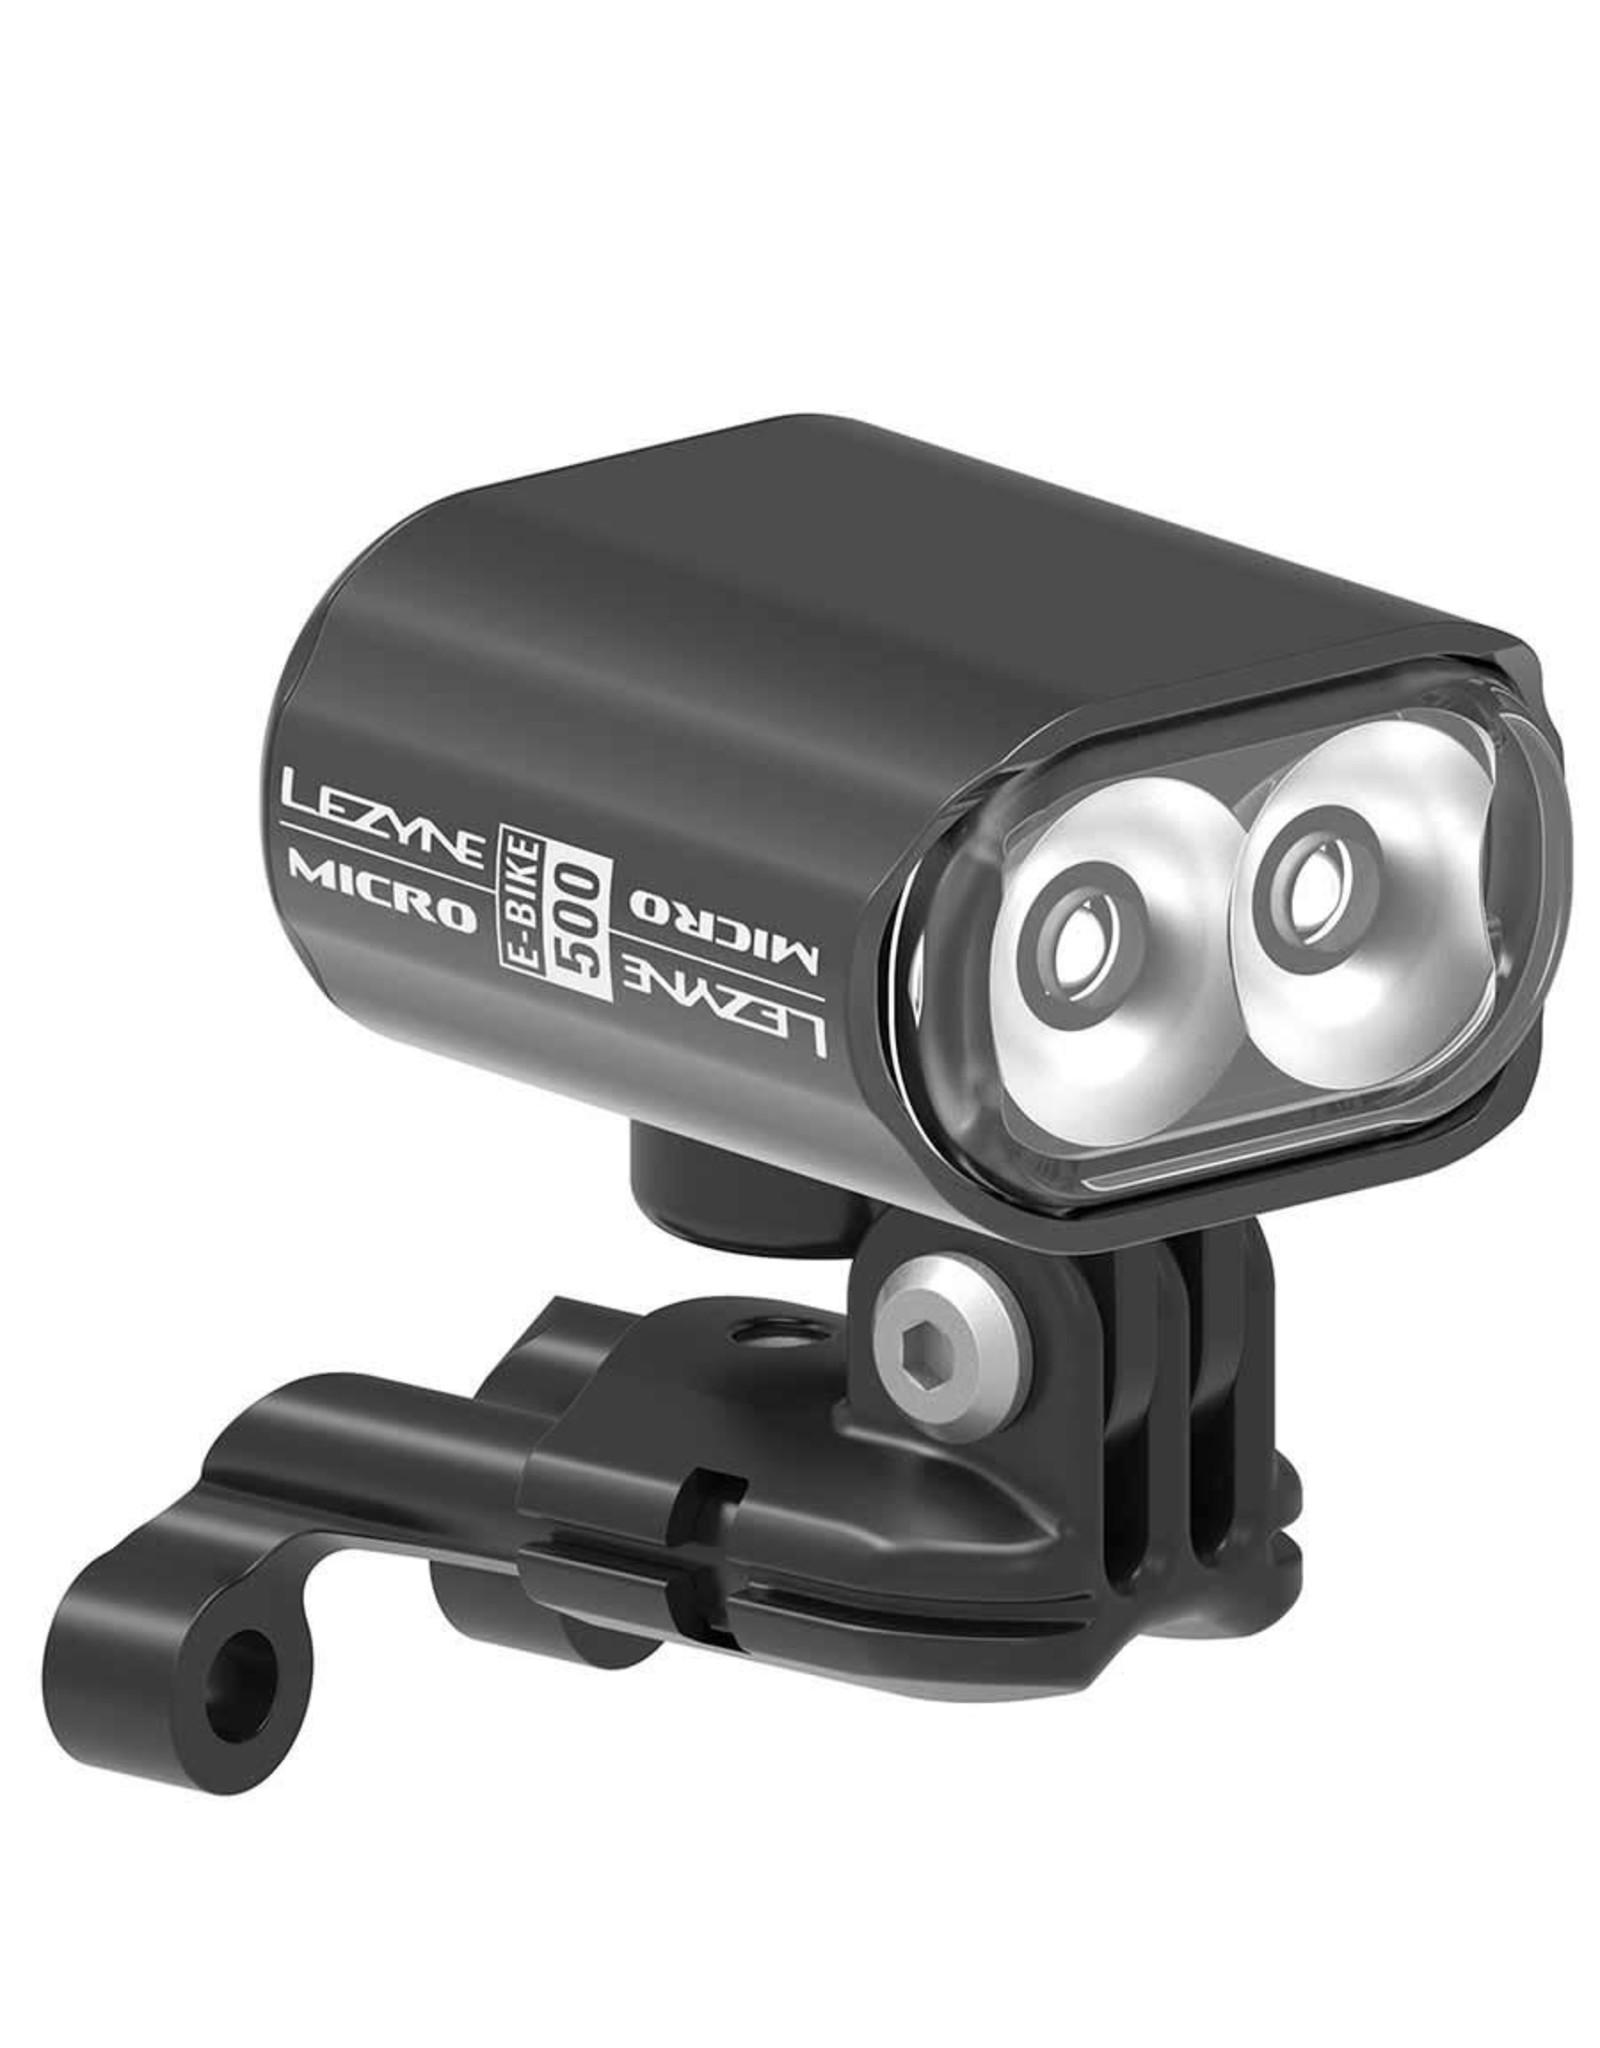 Lezyne light kit E-Bike Micro Drive 500 black